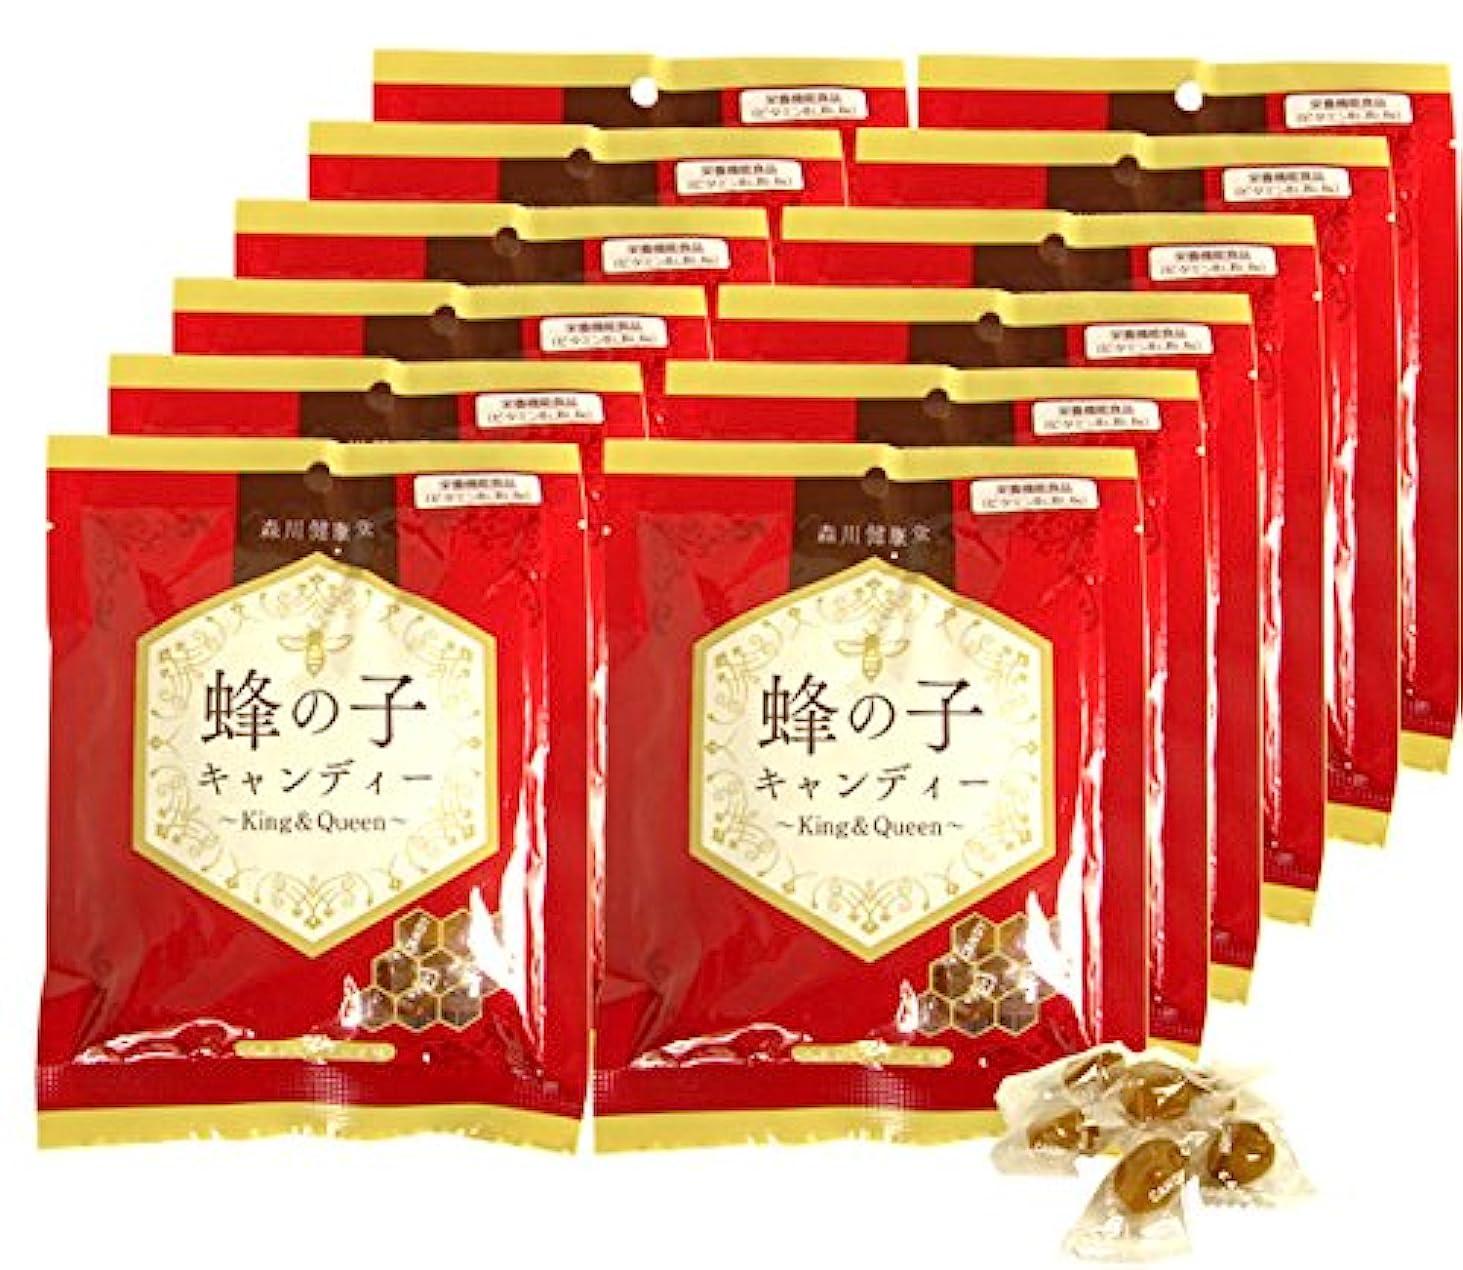 ほのか見る人不満森川健康堂 蜂の子キャンディー 70g (70g×12個)